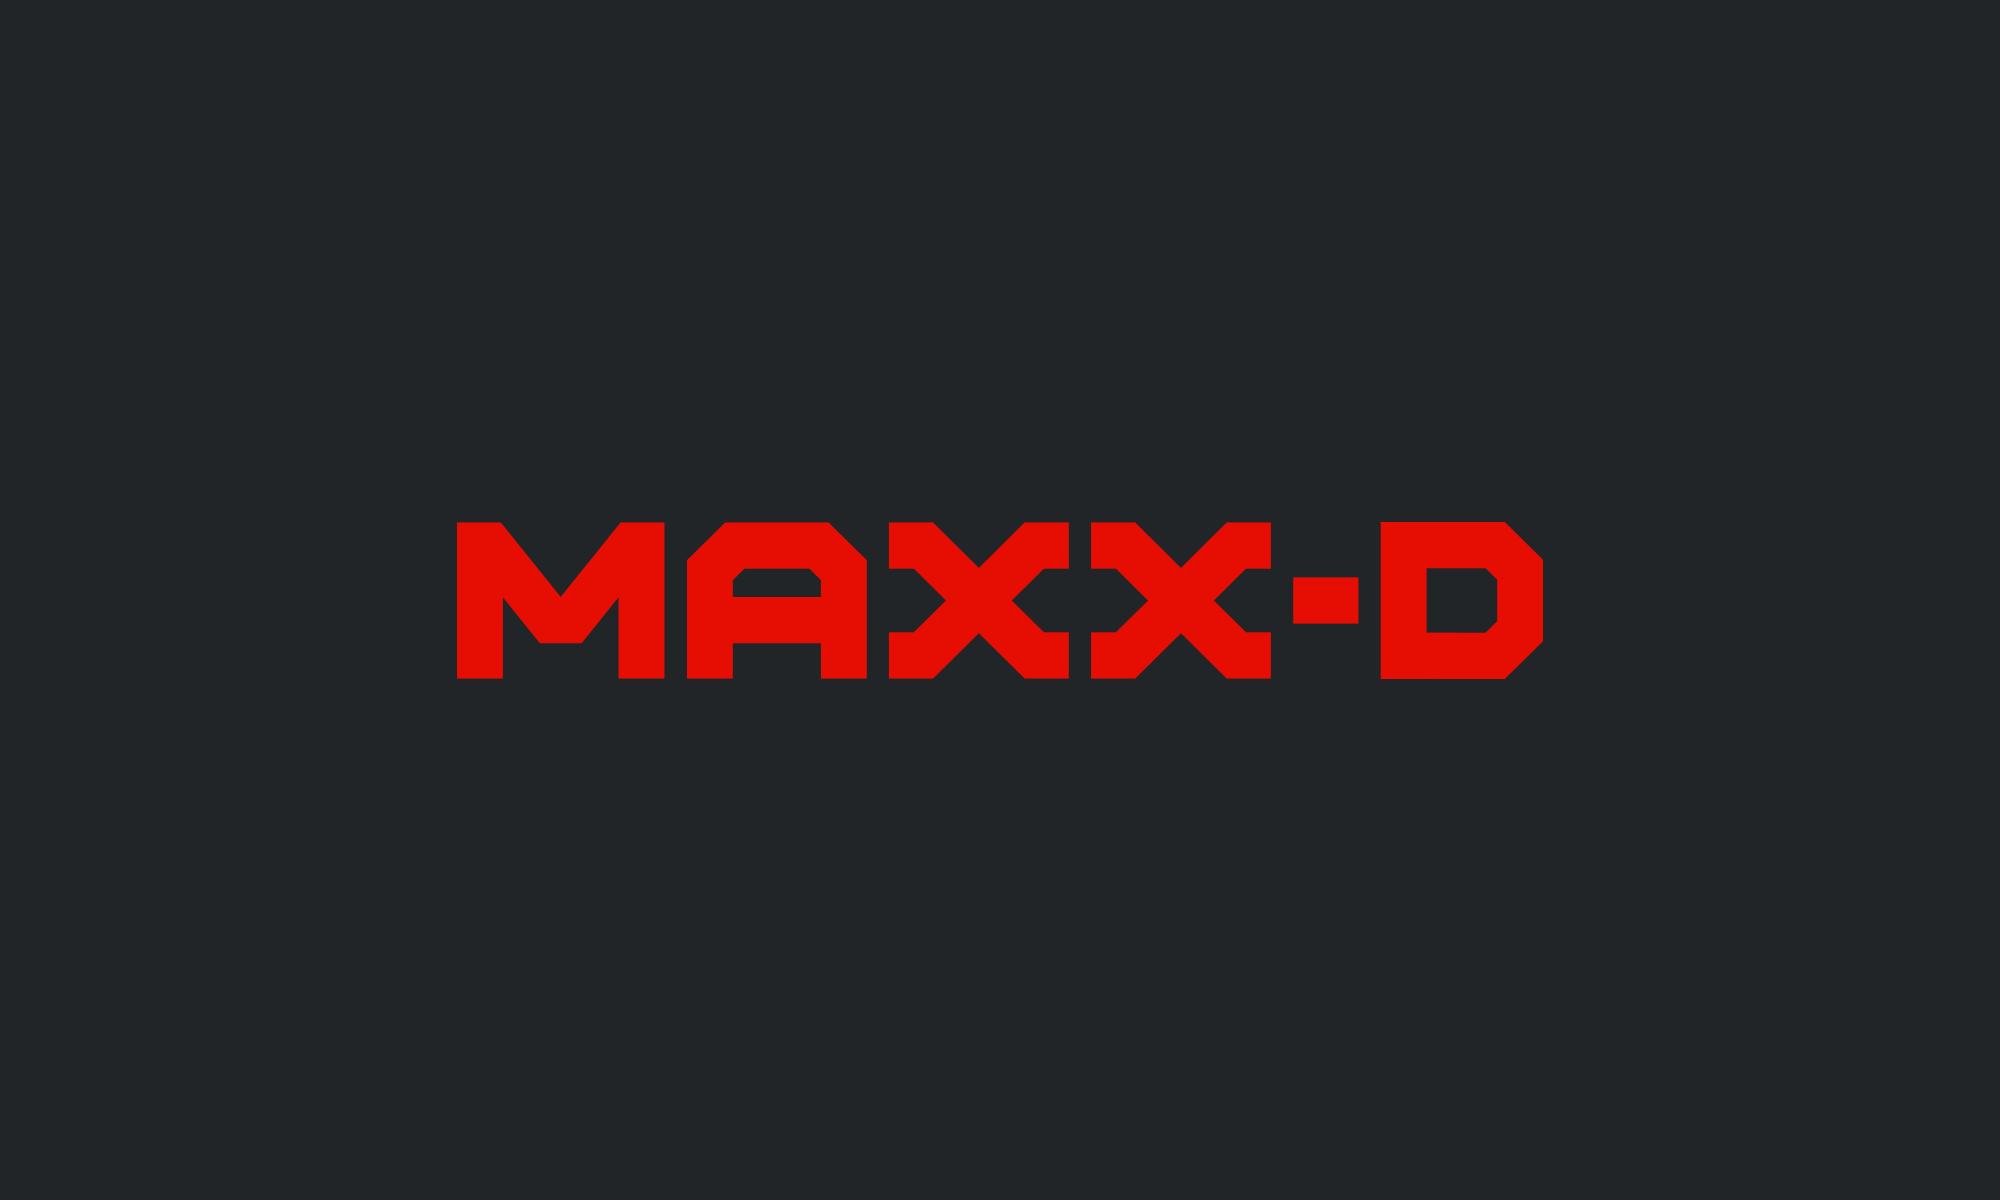 maxxd logo